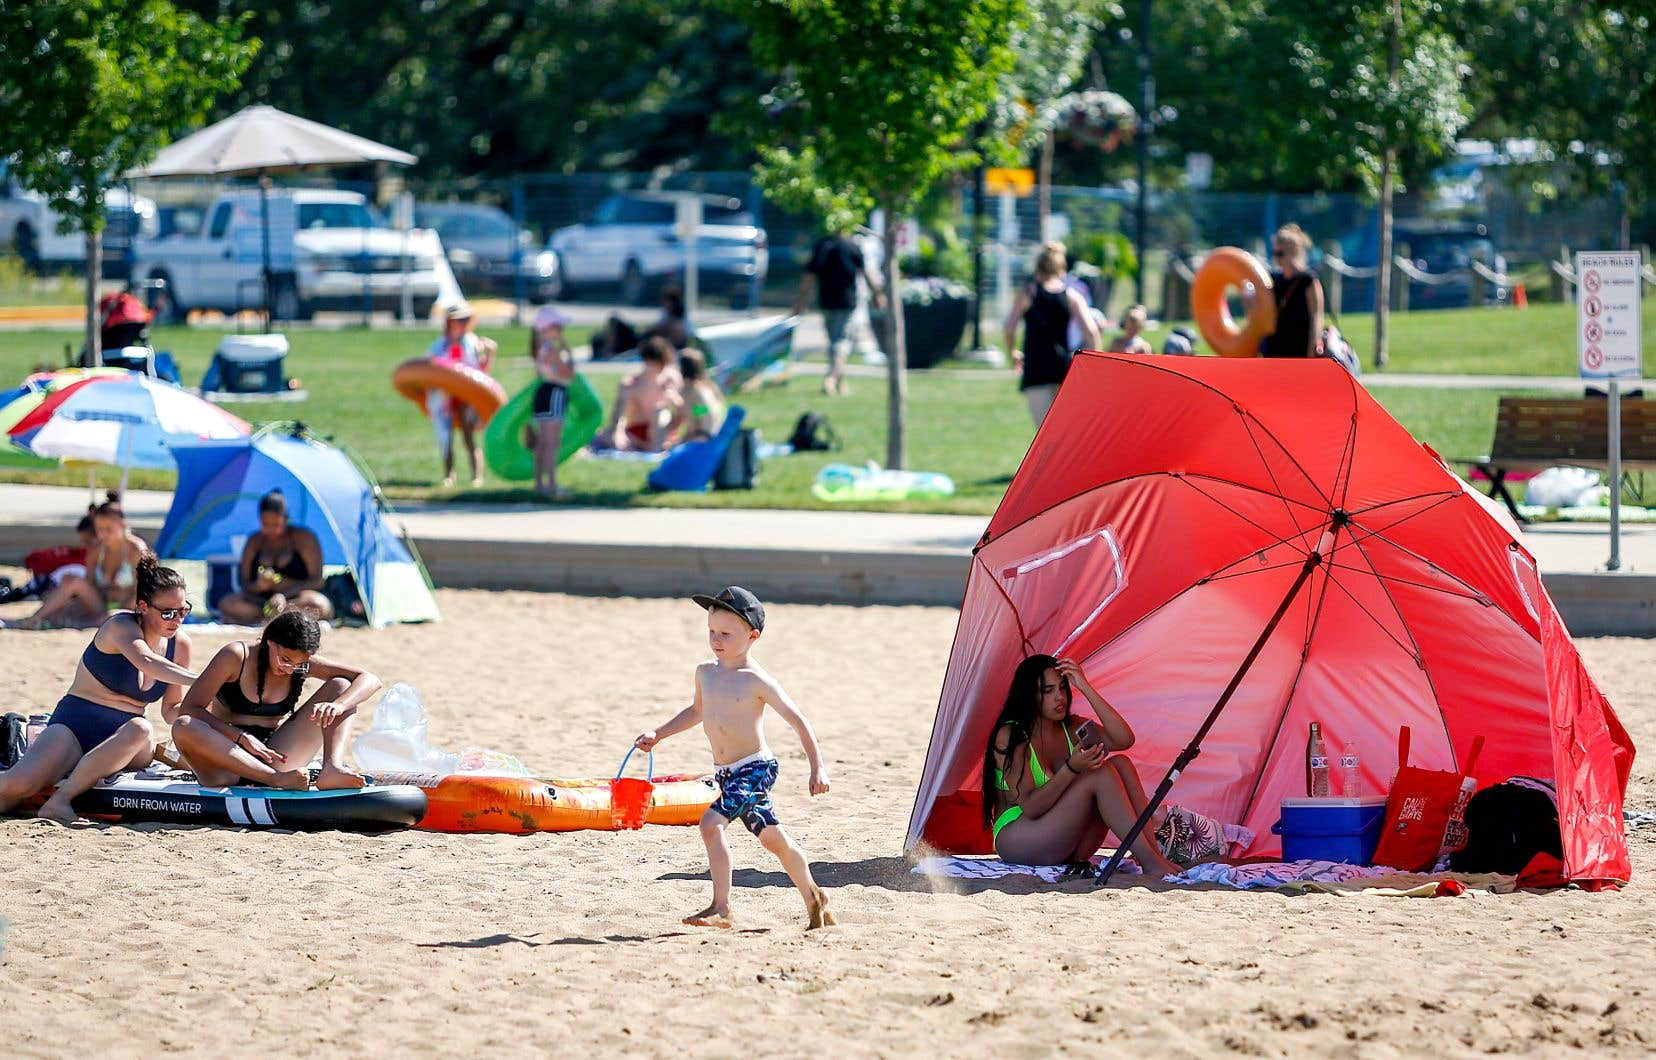 Des résidents de Chestermere, en Alberta, tentent d'échapper à la chaleur sur une plage, mardi.